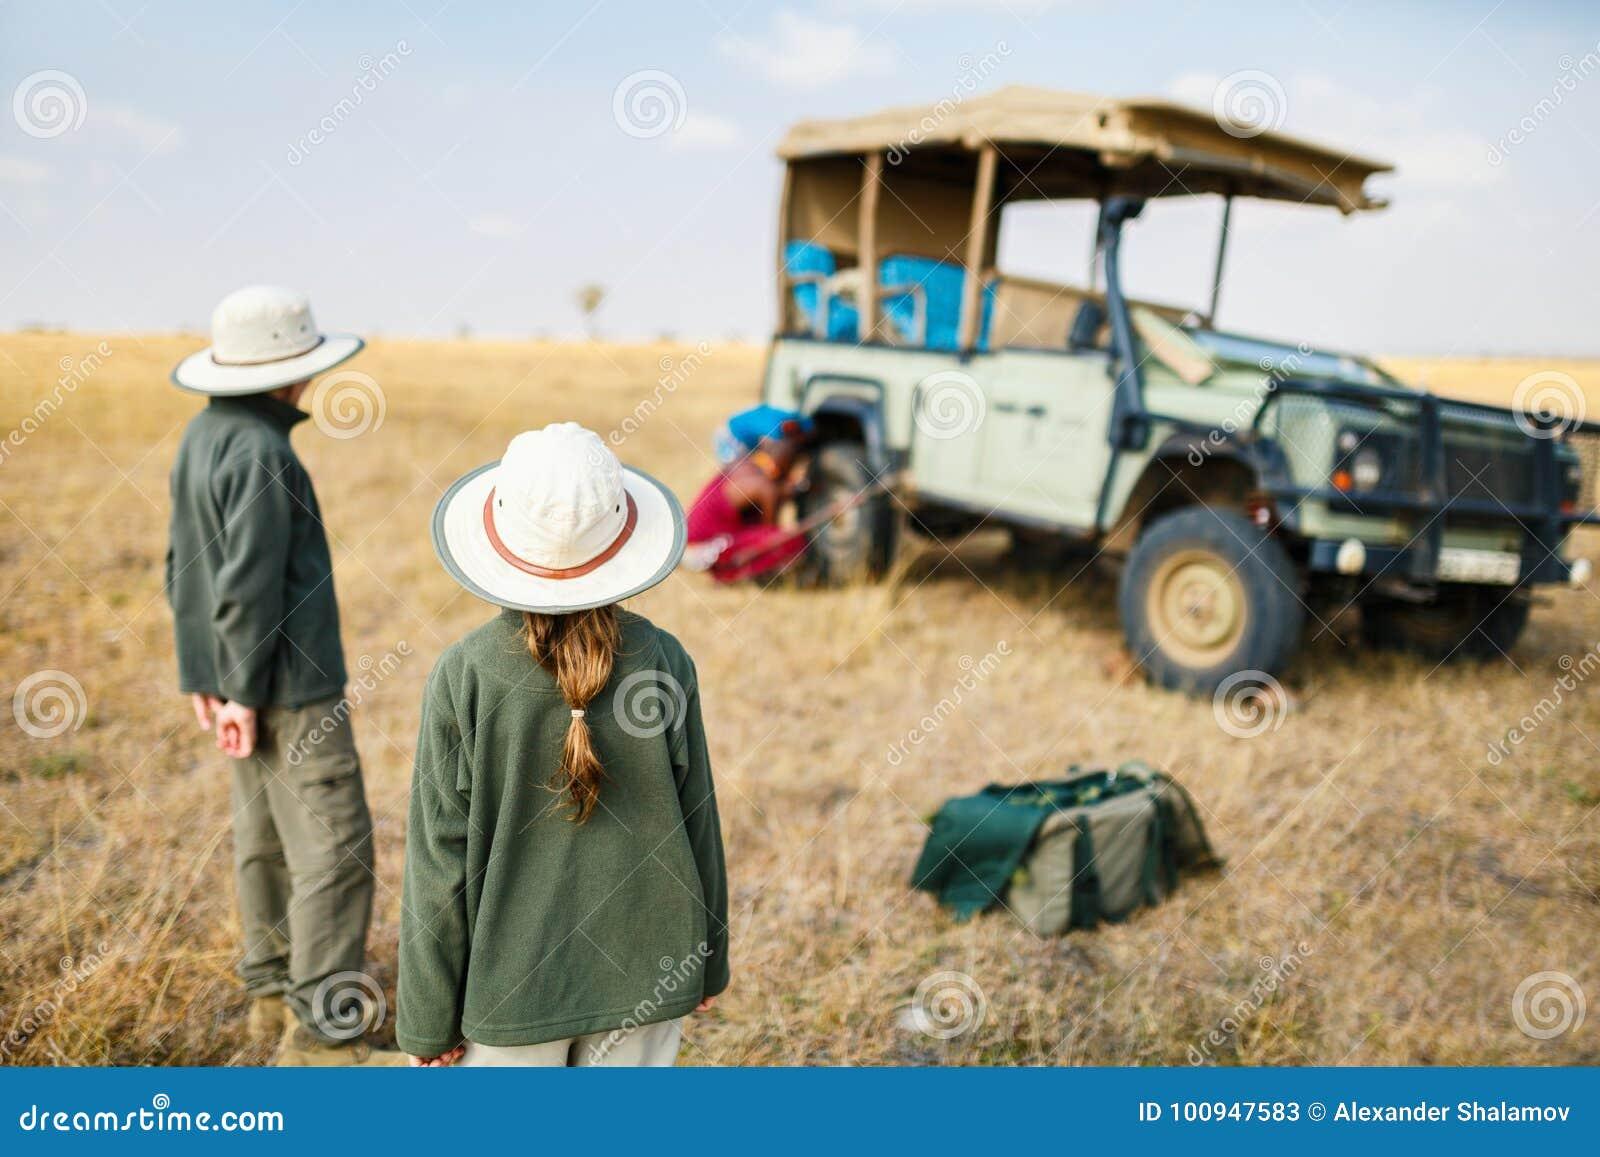 Kids on safari game drive